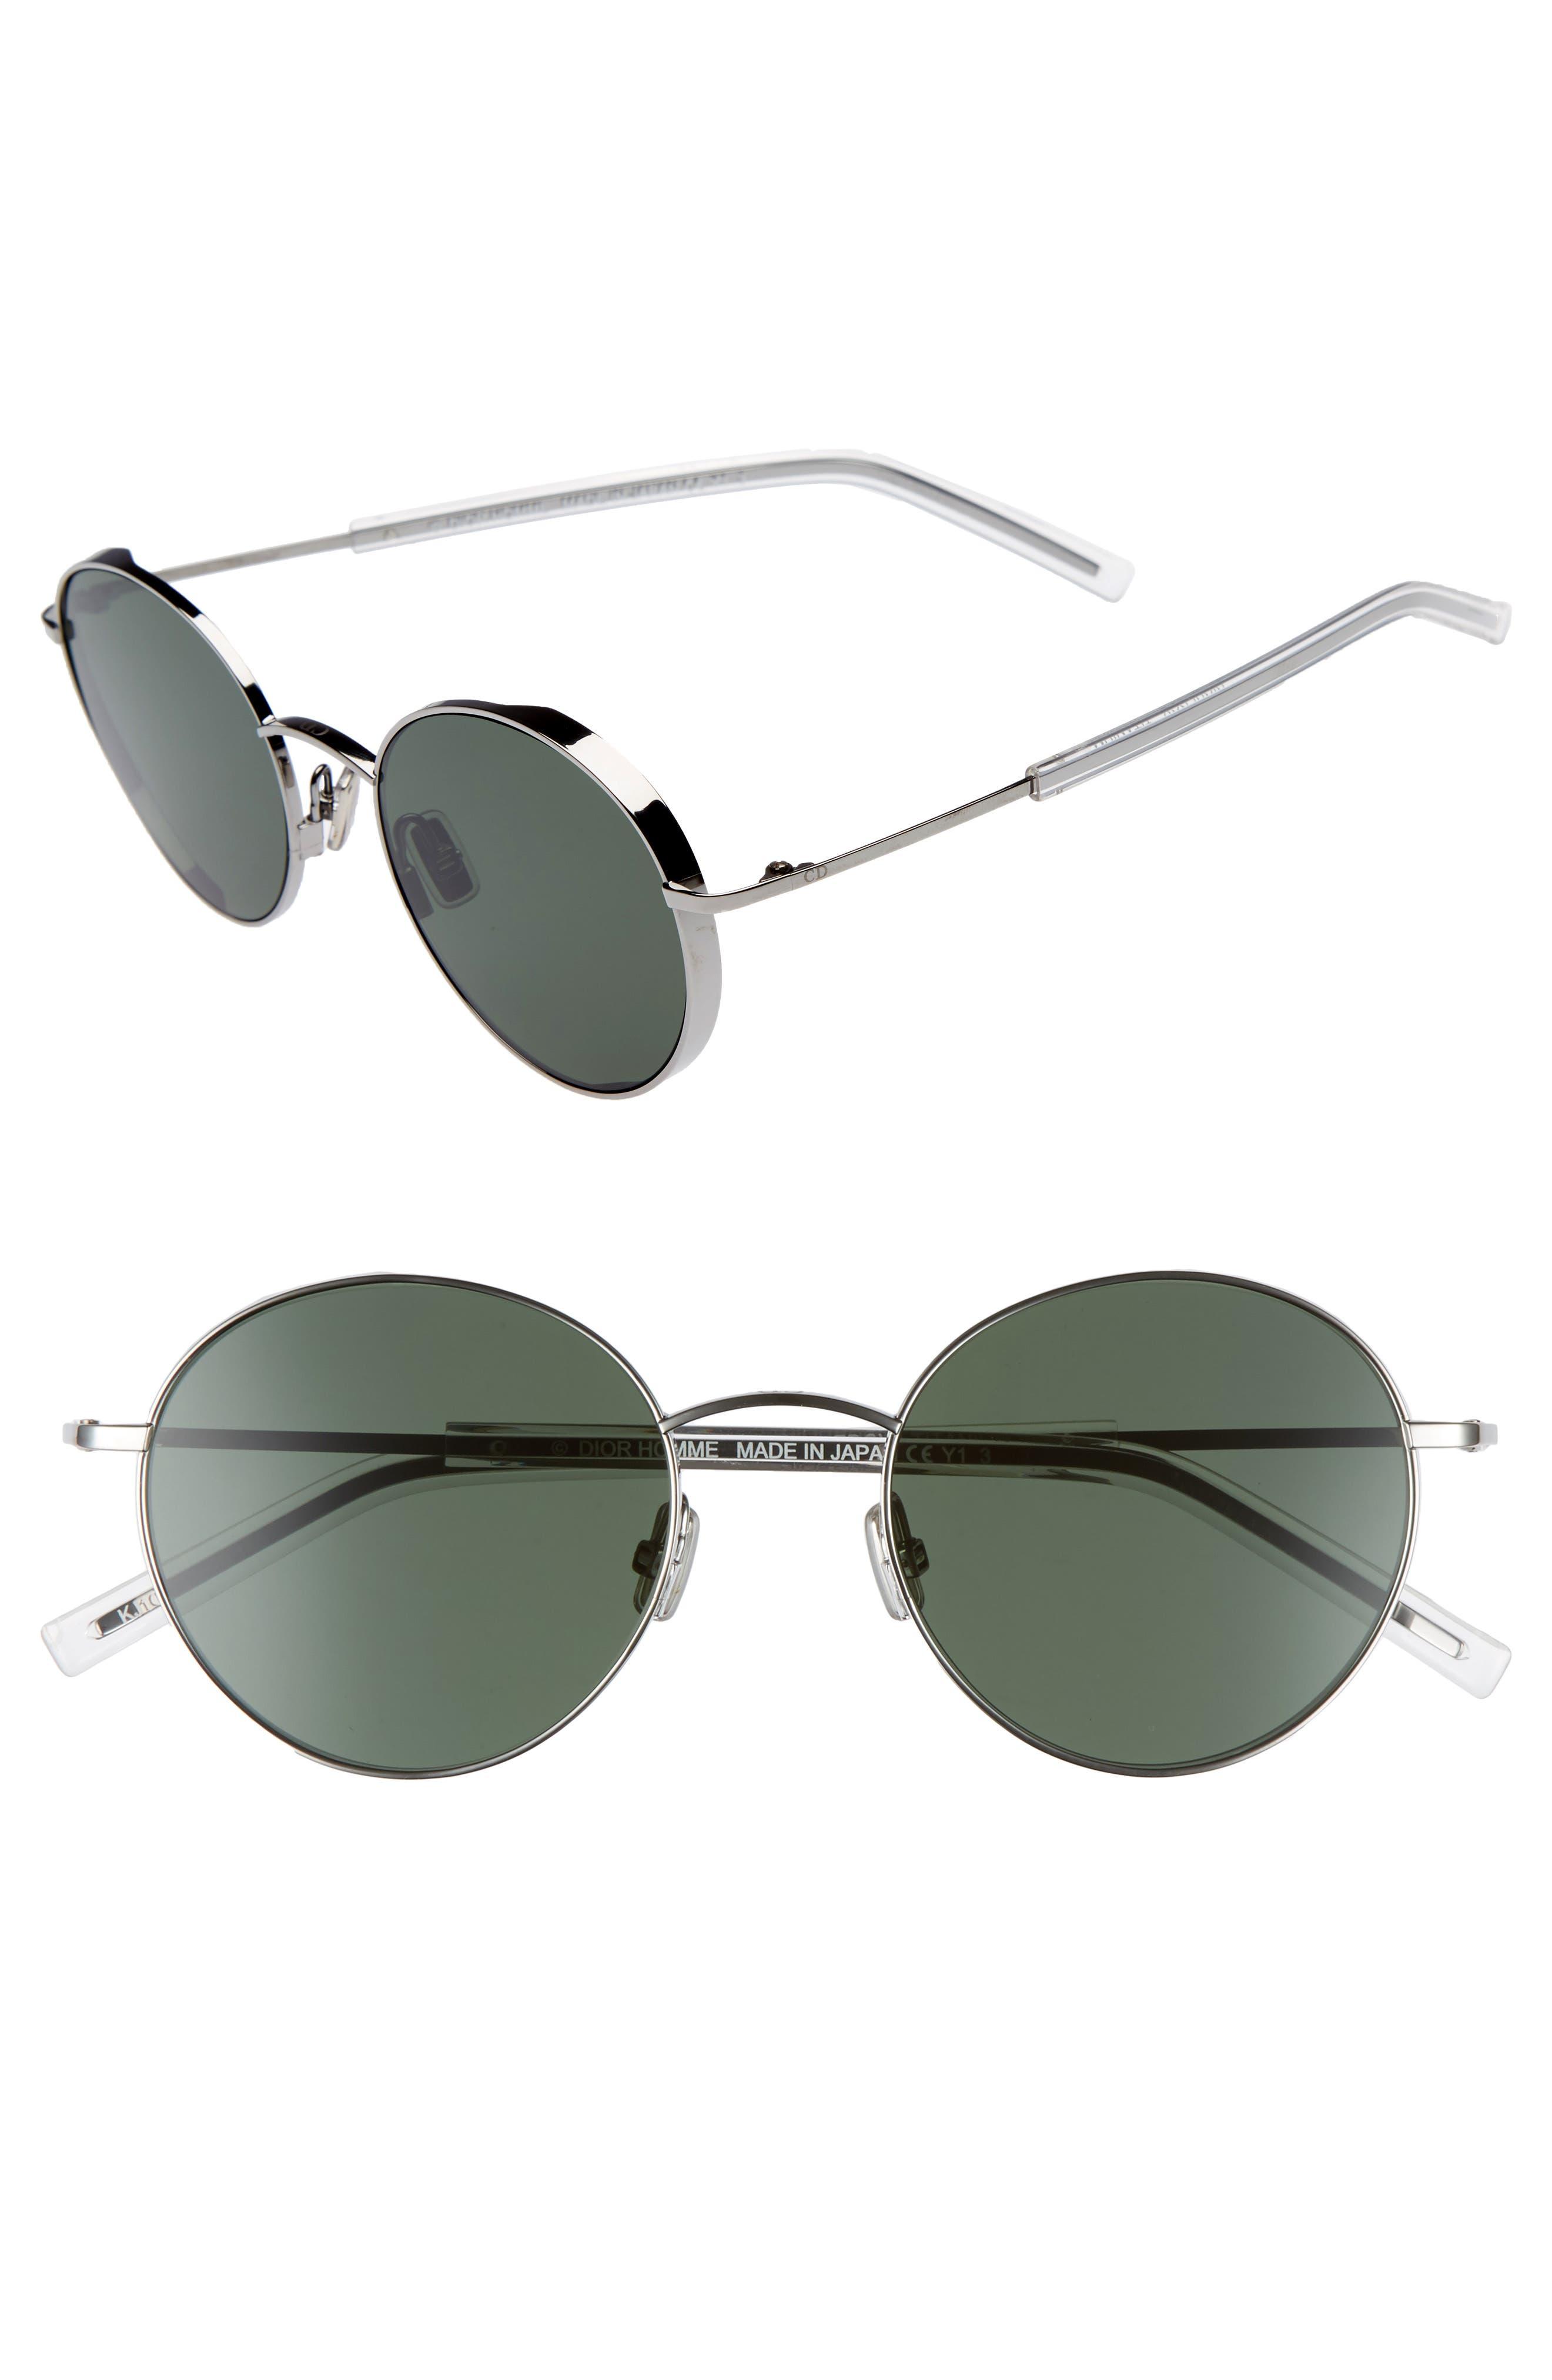 DIOR HOMME Edgy 52Mm Sunglasses in Dark Ruthenium